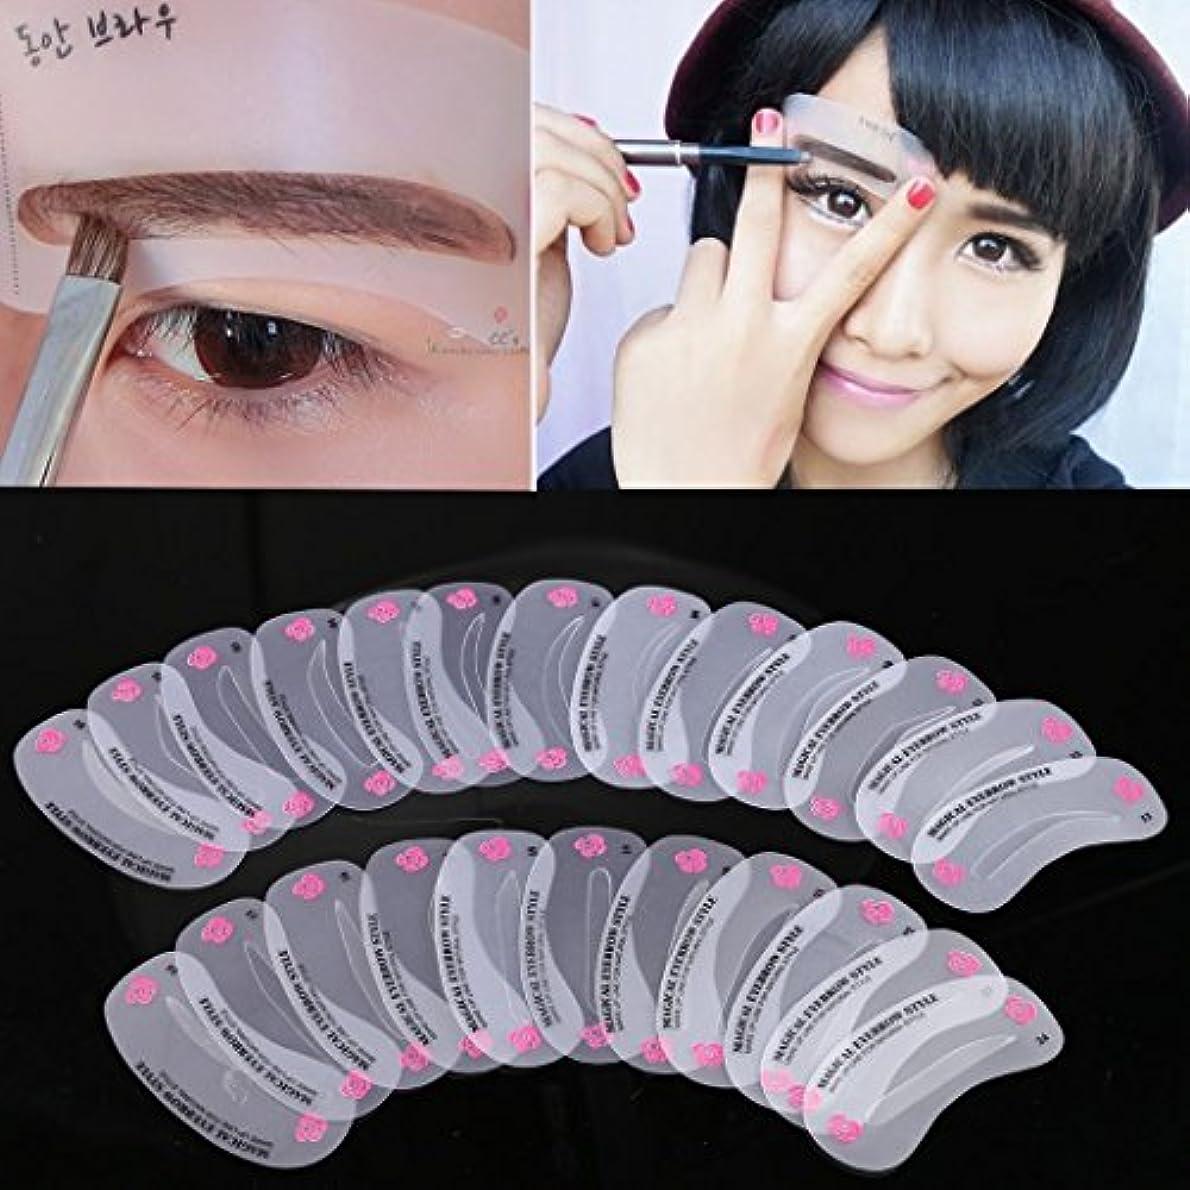 飢えたいたずら石化する24種類の眉毛のスタイルは、グルーミングステンシルを設定するメイクアップシェイプキット眉毛